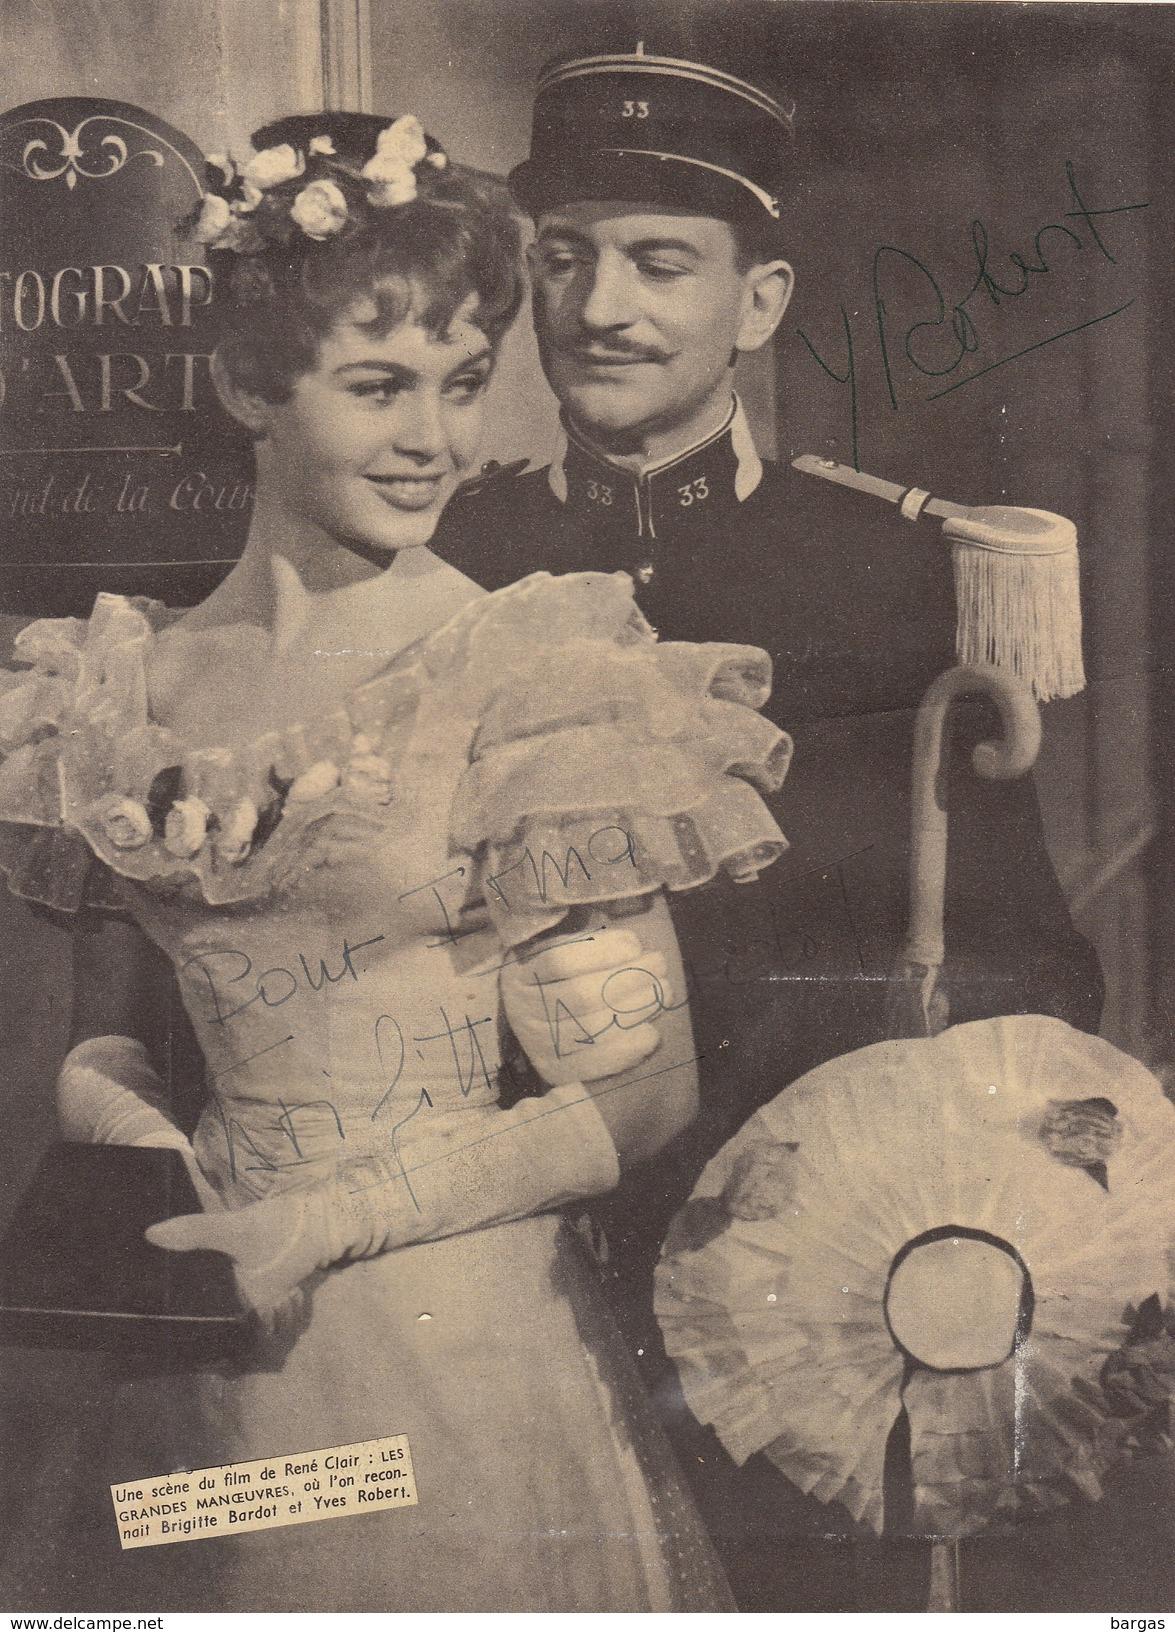 Autographe De Brigitte Bardot Et Yves Robert - Autographes